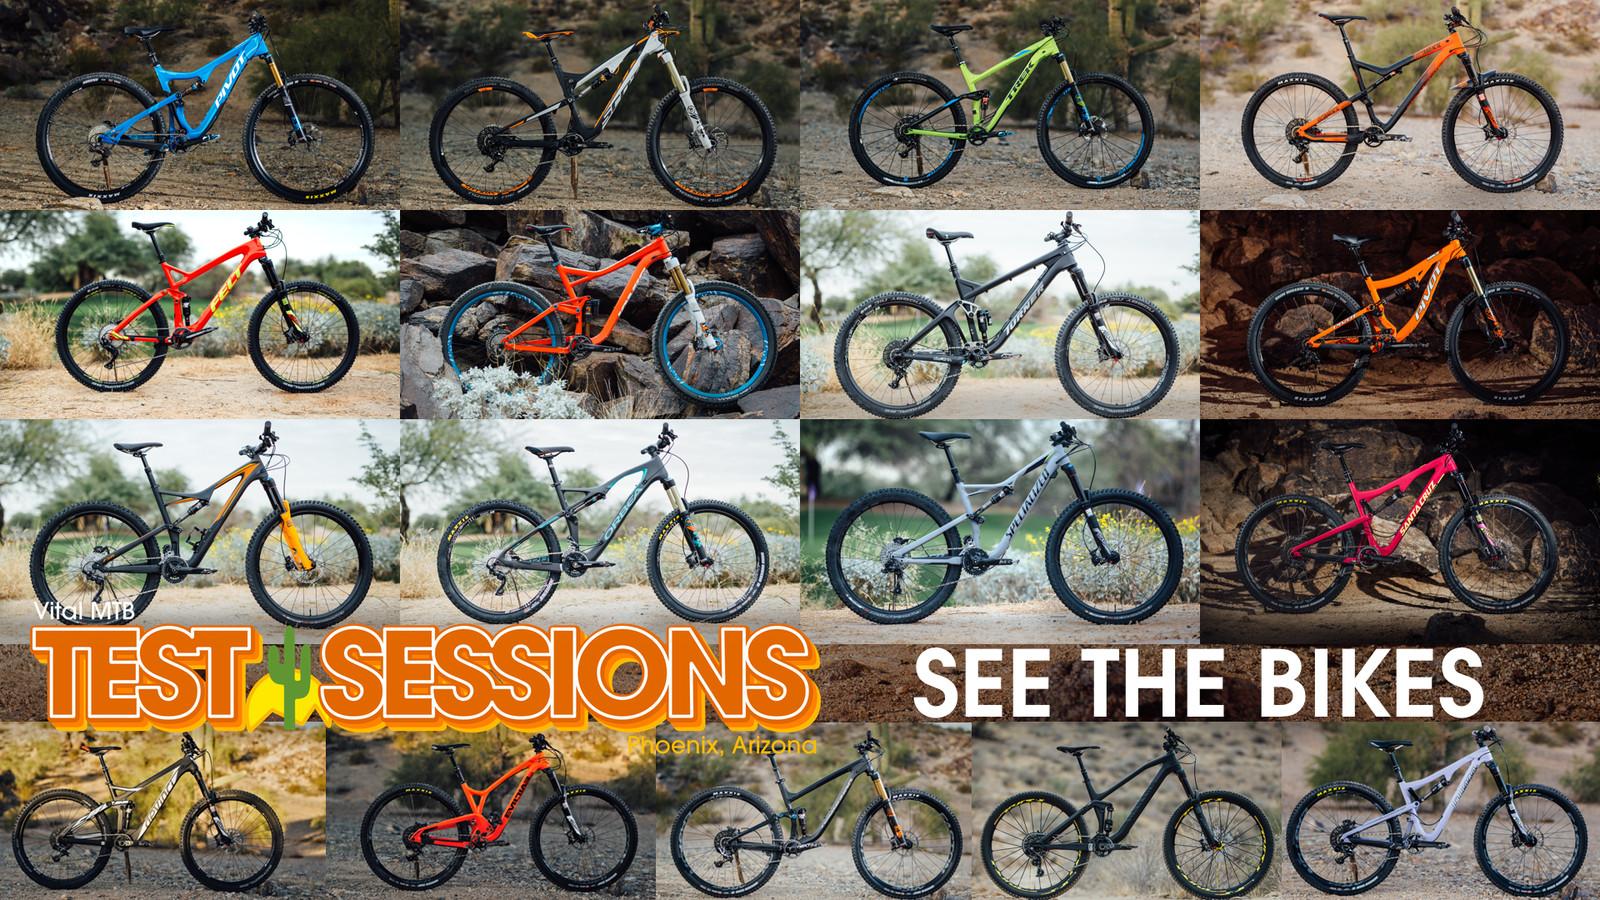 17 Bikes Tested - 2016 Vital MTB Test Sessions - 17 Bikes Tested - 2016 Vital MTB Test Sessions - Mountain Biking Pictures - Vital MTB